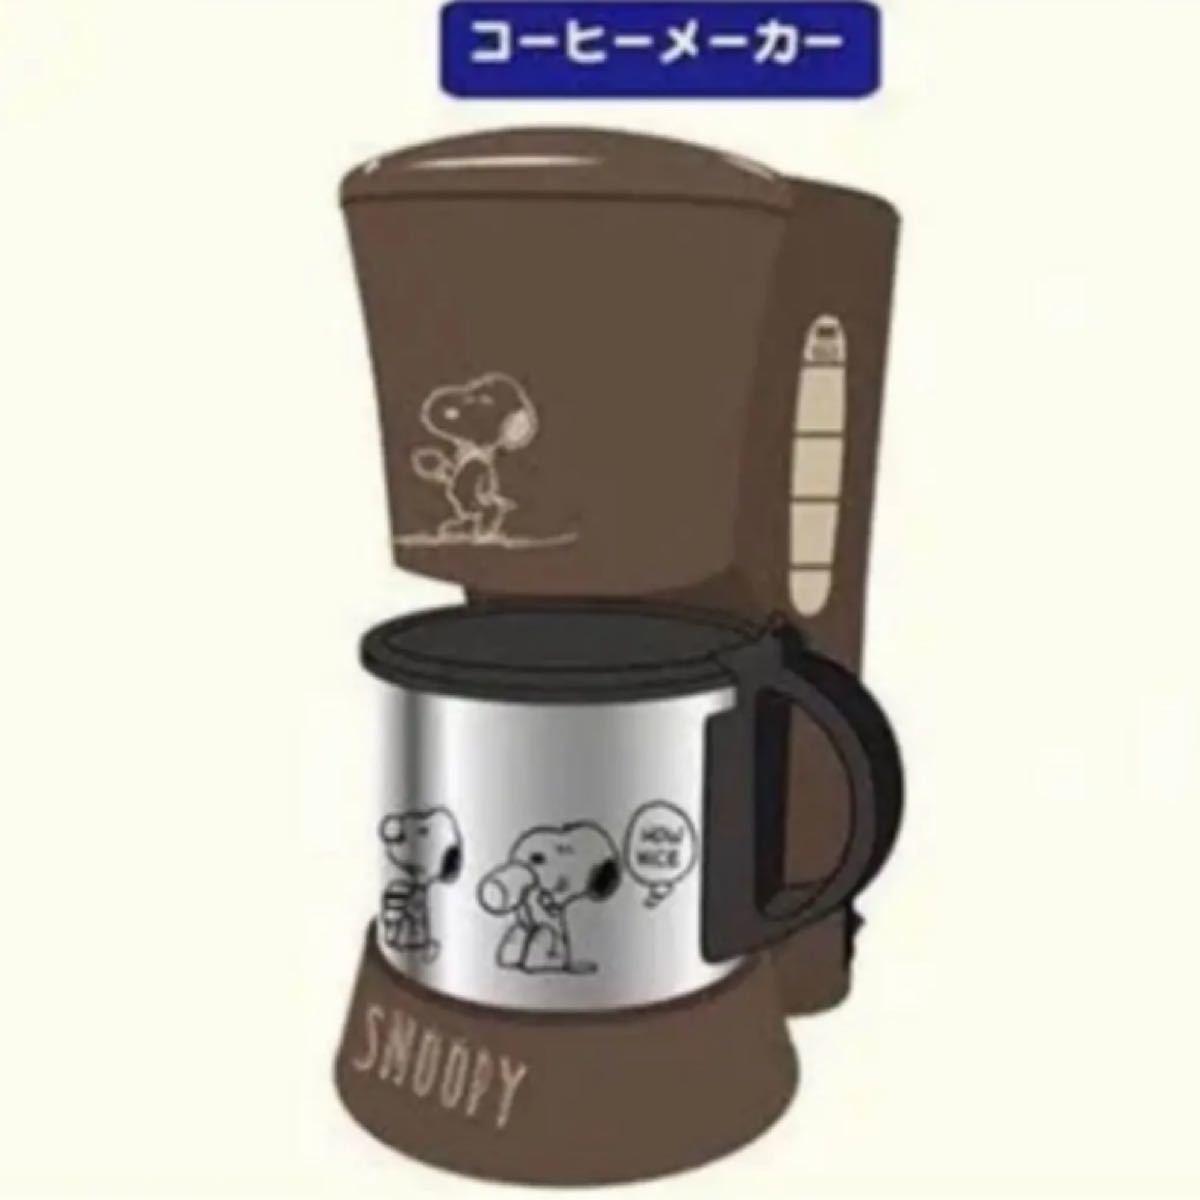 スヌーピー コーヒーメーカー ローソン 当たりくじ